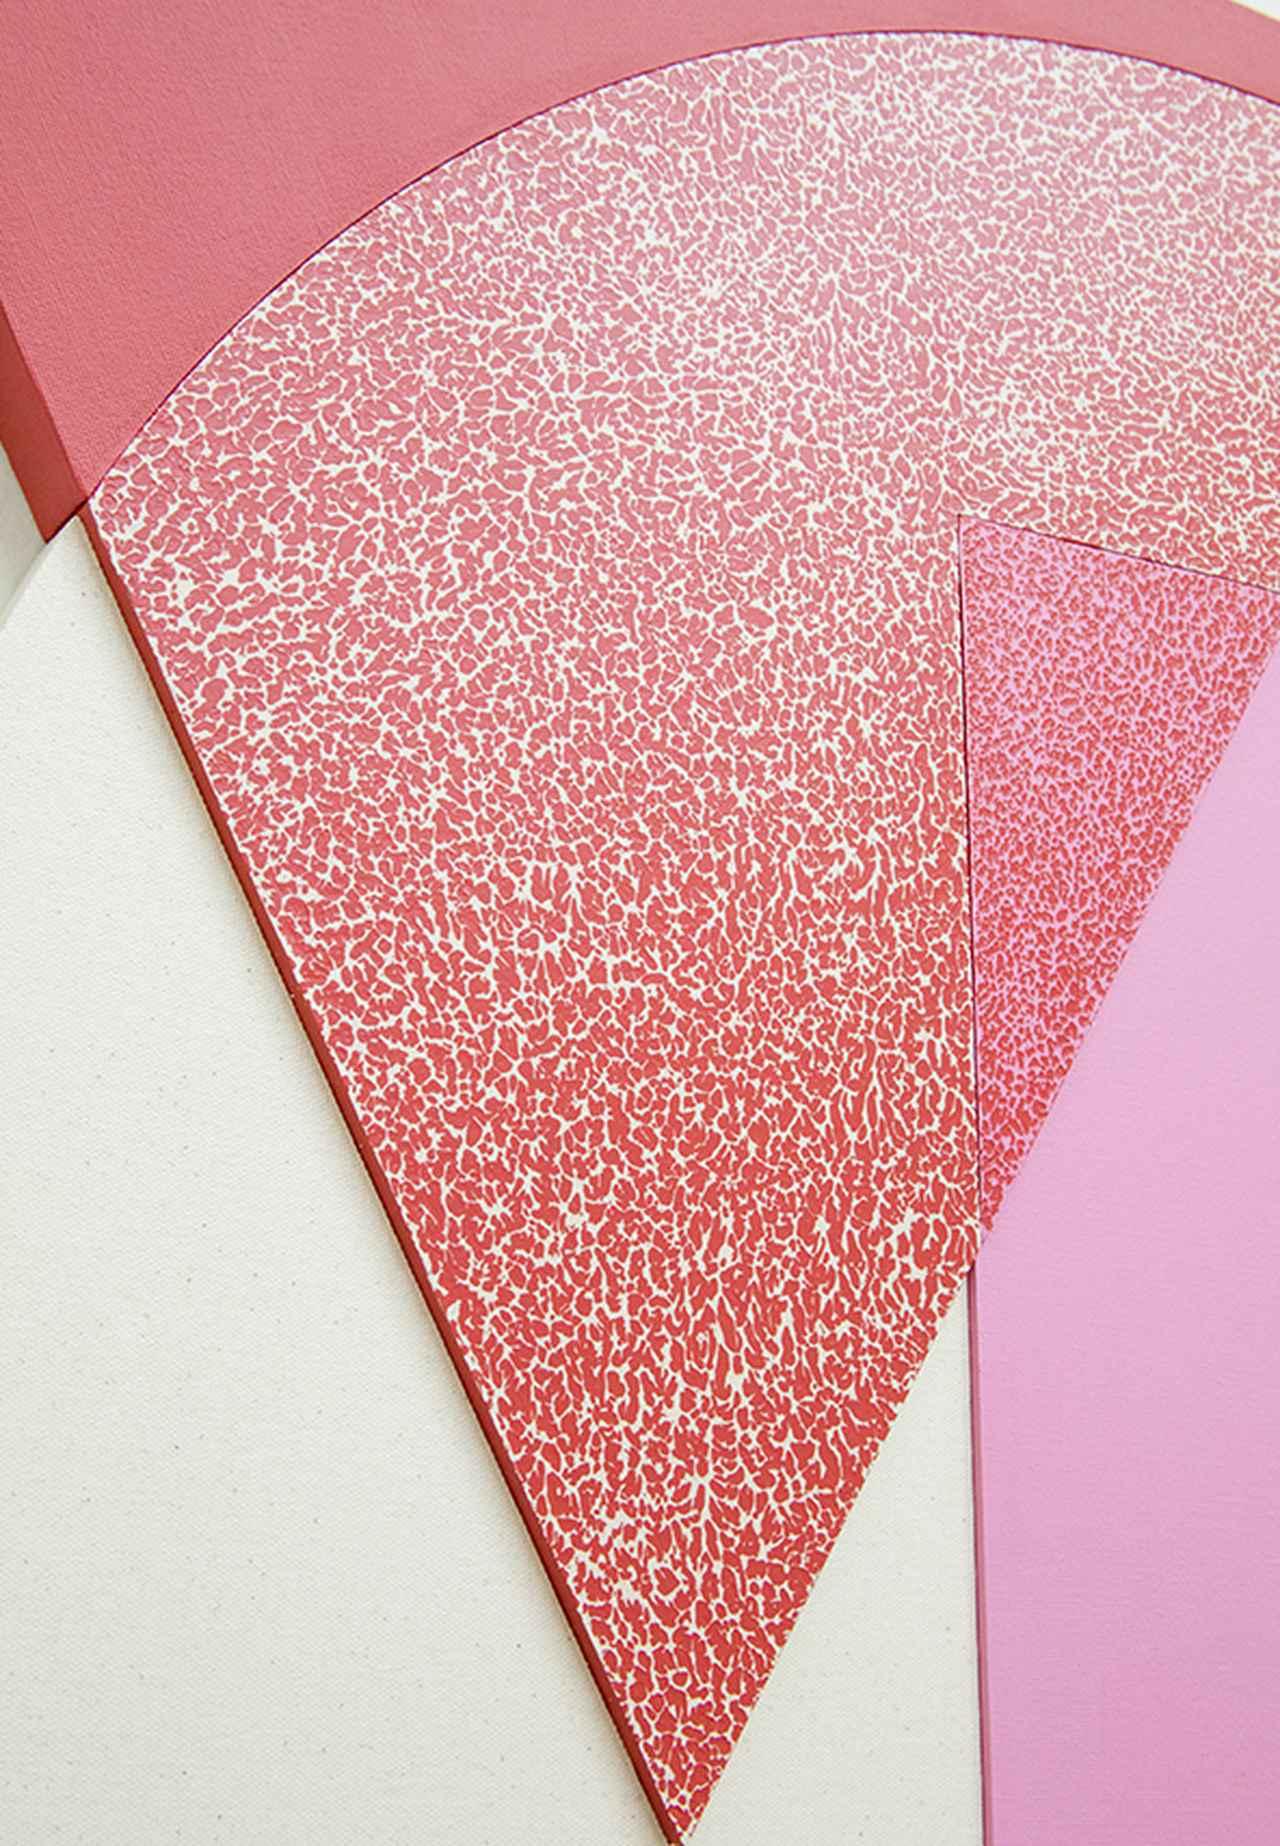 Images : 12番目の画像 - 「色彩とかたちをあやつる ジョシュ・スパーリングの 新しい抽象芸術」のアルバム - T JAPAN:The New York Times Style Magazine 公式サイト